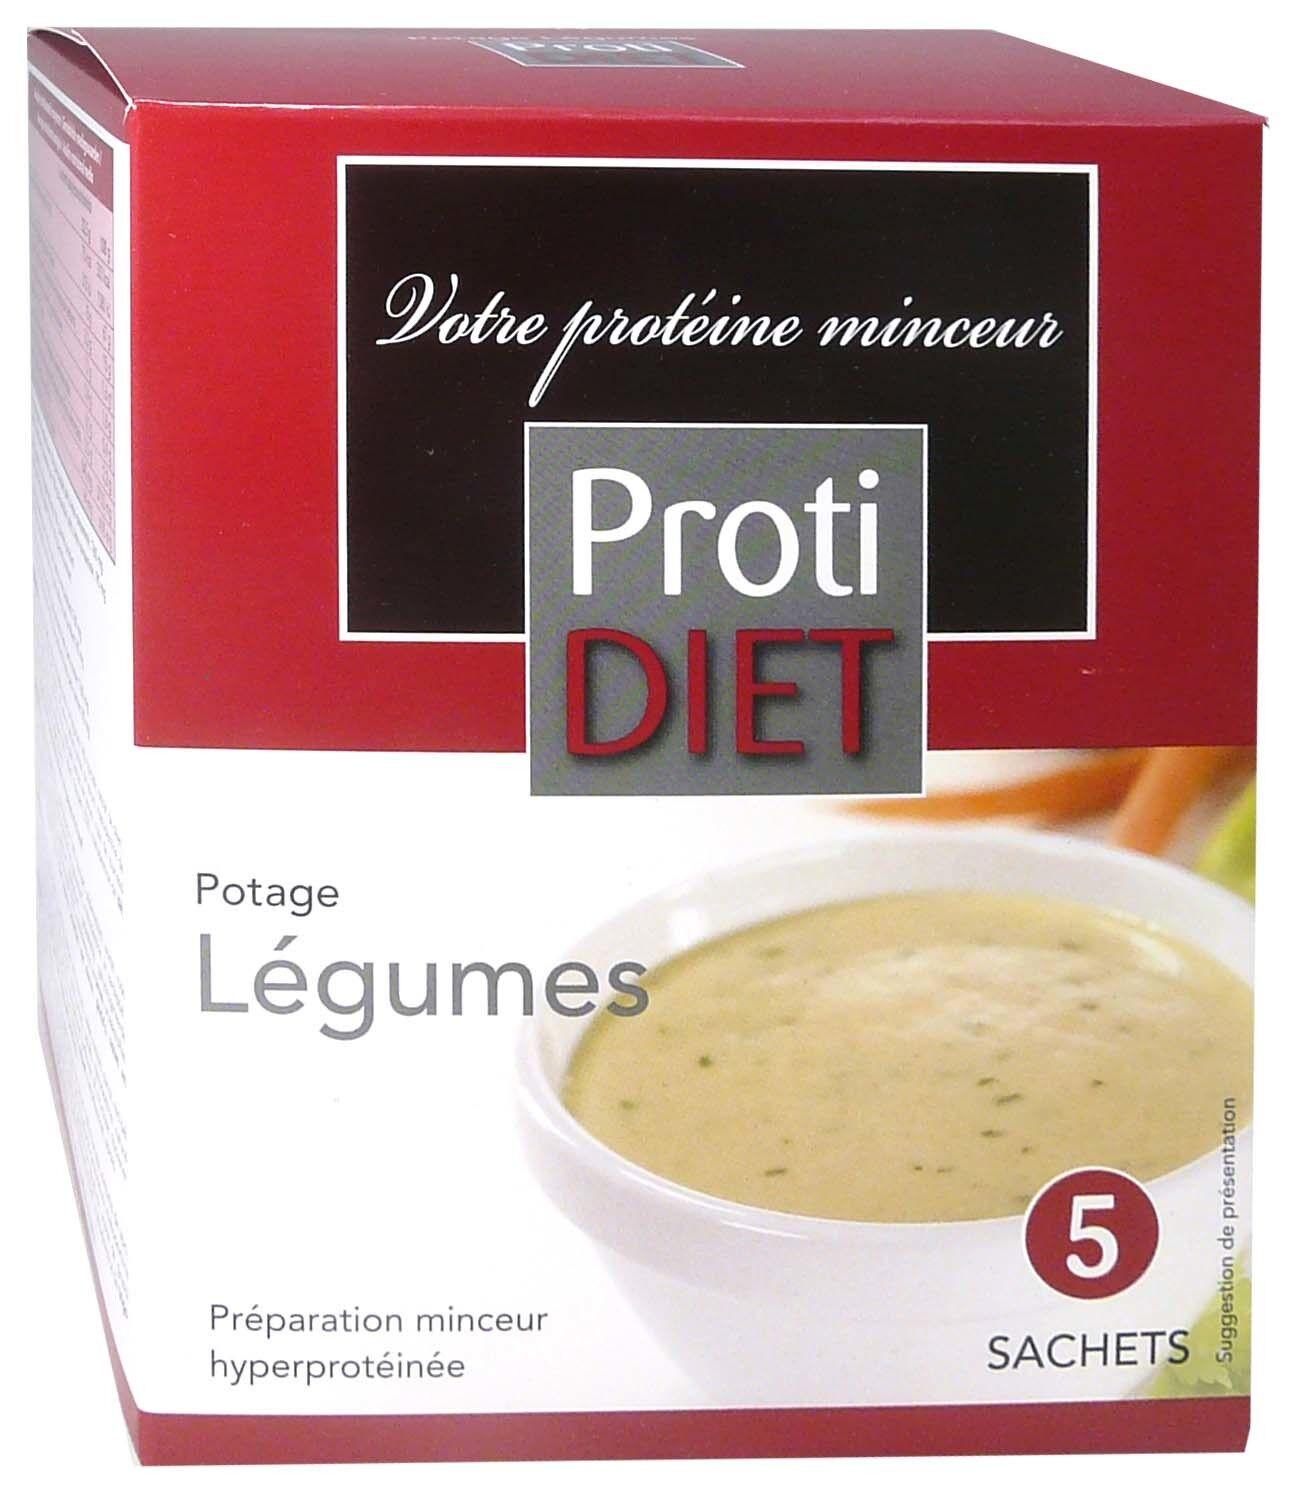 Protidiet potage legumes 5 sachets